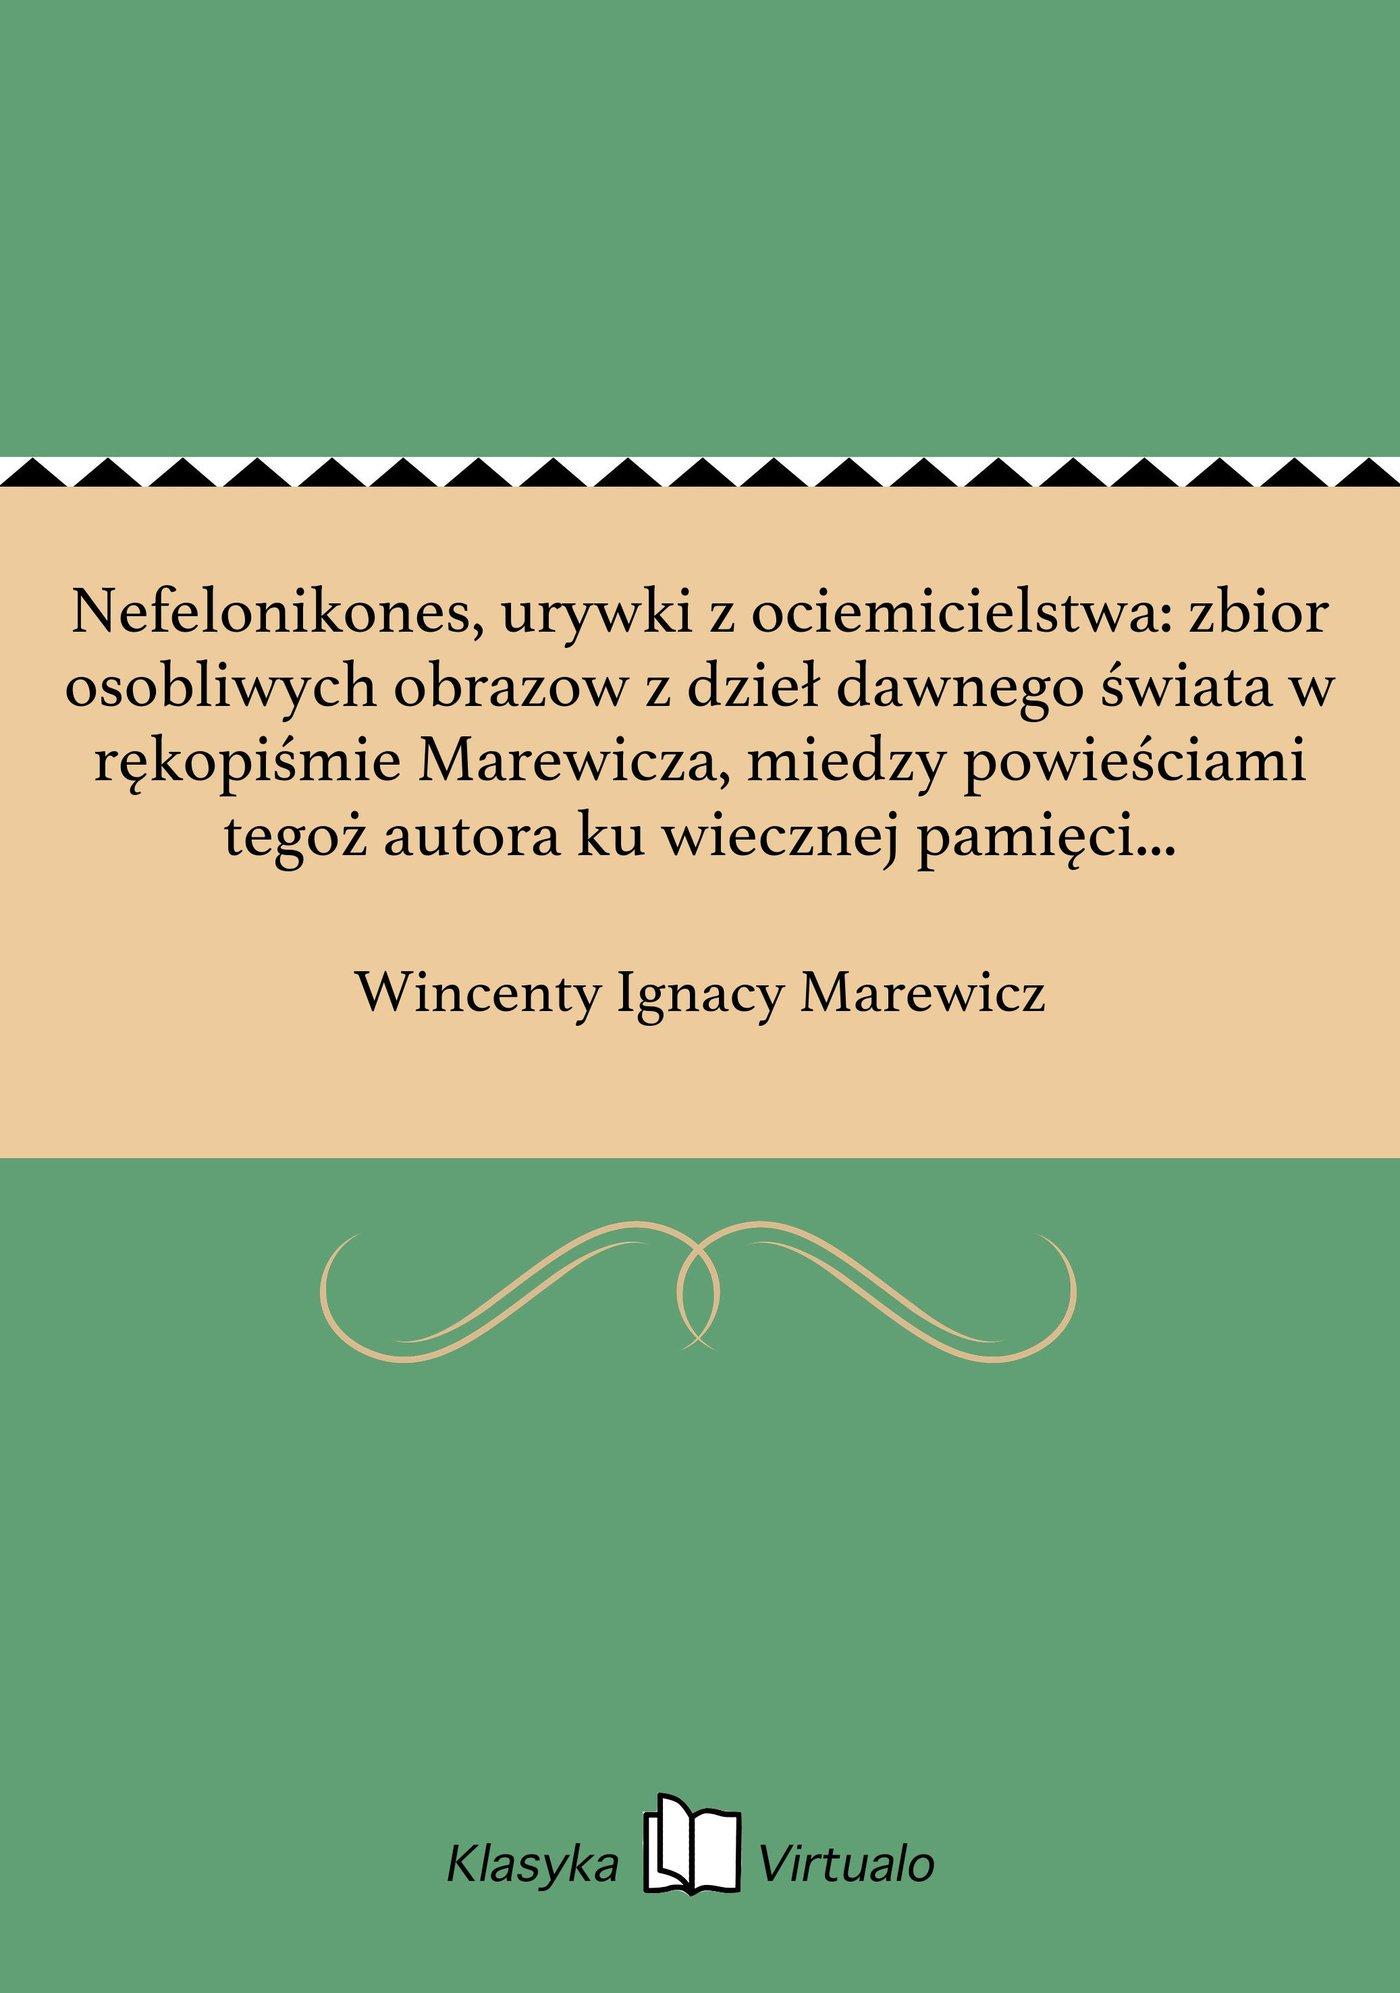 Nefelonikones, urywki z ociemicielstwa: zbior osobliwych obrazow z dzieł dawnego świata w rękopiśmie Marewicza, miedzy powieściami tegoż autora ku wiecznej pamięci zachowany - Ebook (Książka na Kindle) do pobrania w formacie MOBI